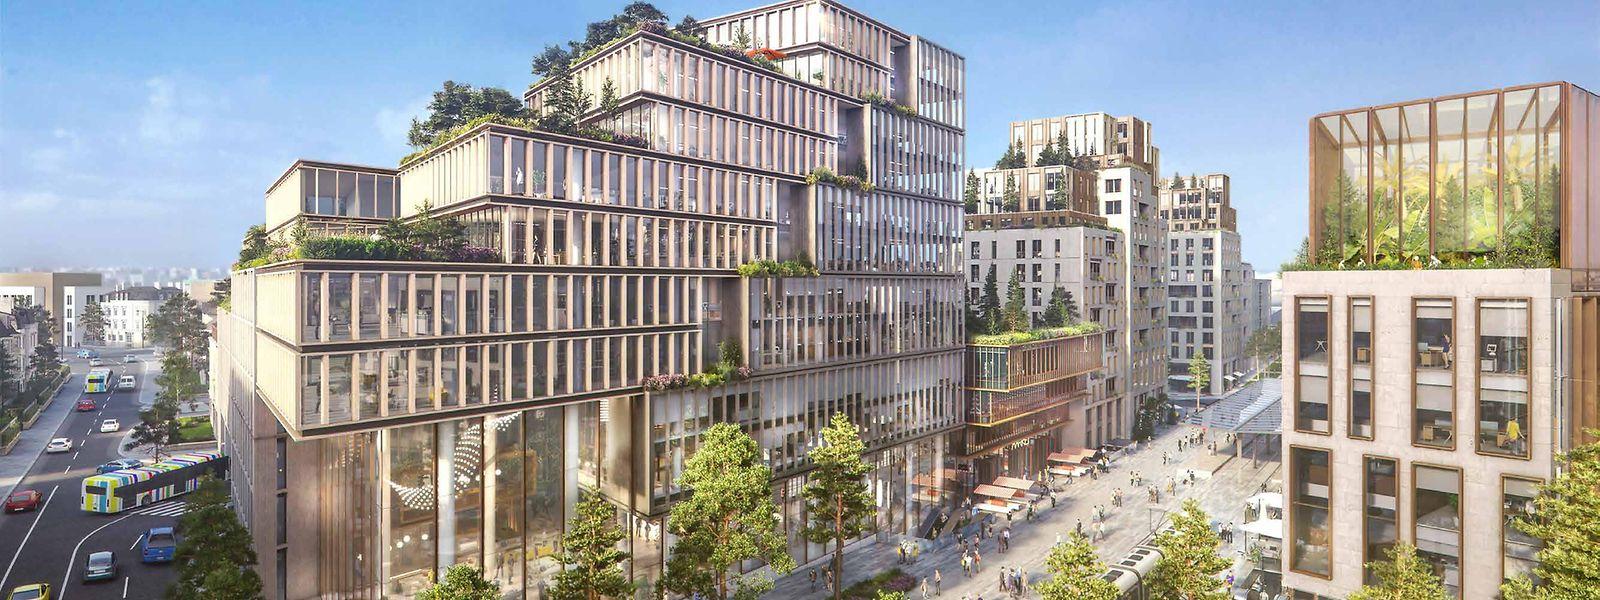 L'objectif est de faire de cette entrée stratégique de la capitale «un pôle de mobilité et un nouveau lieu de vie».